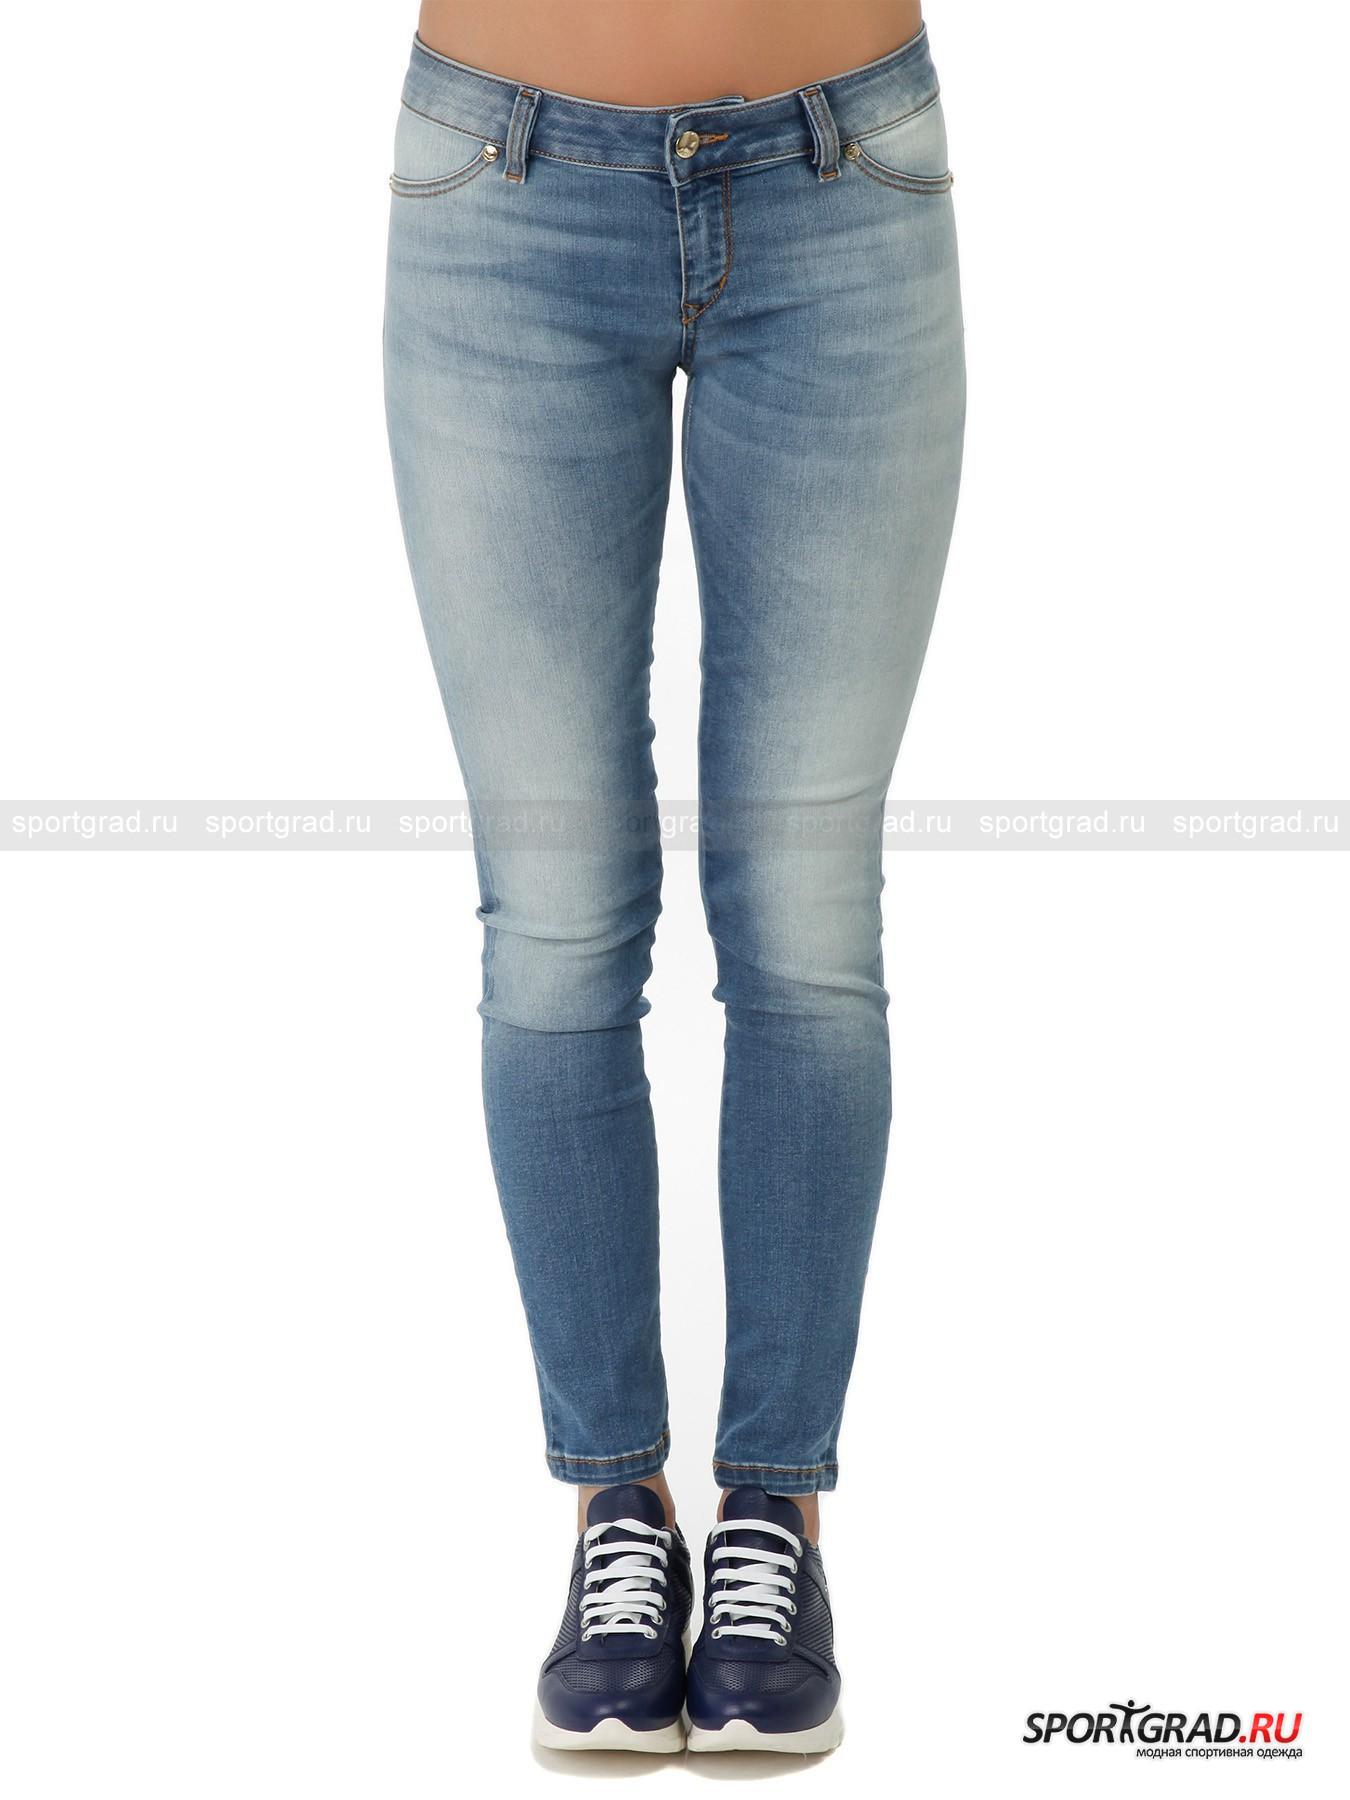 Джинсы женские JUST CAVALLIДжинсы<br>Эластичные и тонкие скинни-джинсы от Just Cavalli для легких летних образов. Вещь изготовлена с присущим бренду премиальным качеством из самых лучших материалов. Джинсы прекрасно сидят, подчеркивая достоинства фигуры. Они застегиваются на молнию и пуговицу и имеют пару карманов сзади, но спереди карманов нет, это лишь имитация. Модель декорирована золотистыми «кнопками», изысканной вышивкой и объемными буквами, складывающимися в название марки.<br><br>Пол: Женский<br>Возраст: Взрослый<br>Тип: Джинсы<br>Рекомендации по уходу: ручная стирка; не отбеливать; гладить слегка нагретым утюгом (температура до 110 C); химическая чистка запрещена; нельзя выжимать и сушить в стиральной машине<br>Состав: 90% хлопок, 8% эластомультиэстер, 2% эластан